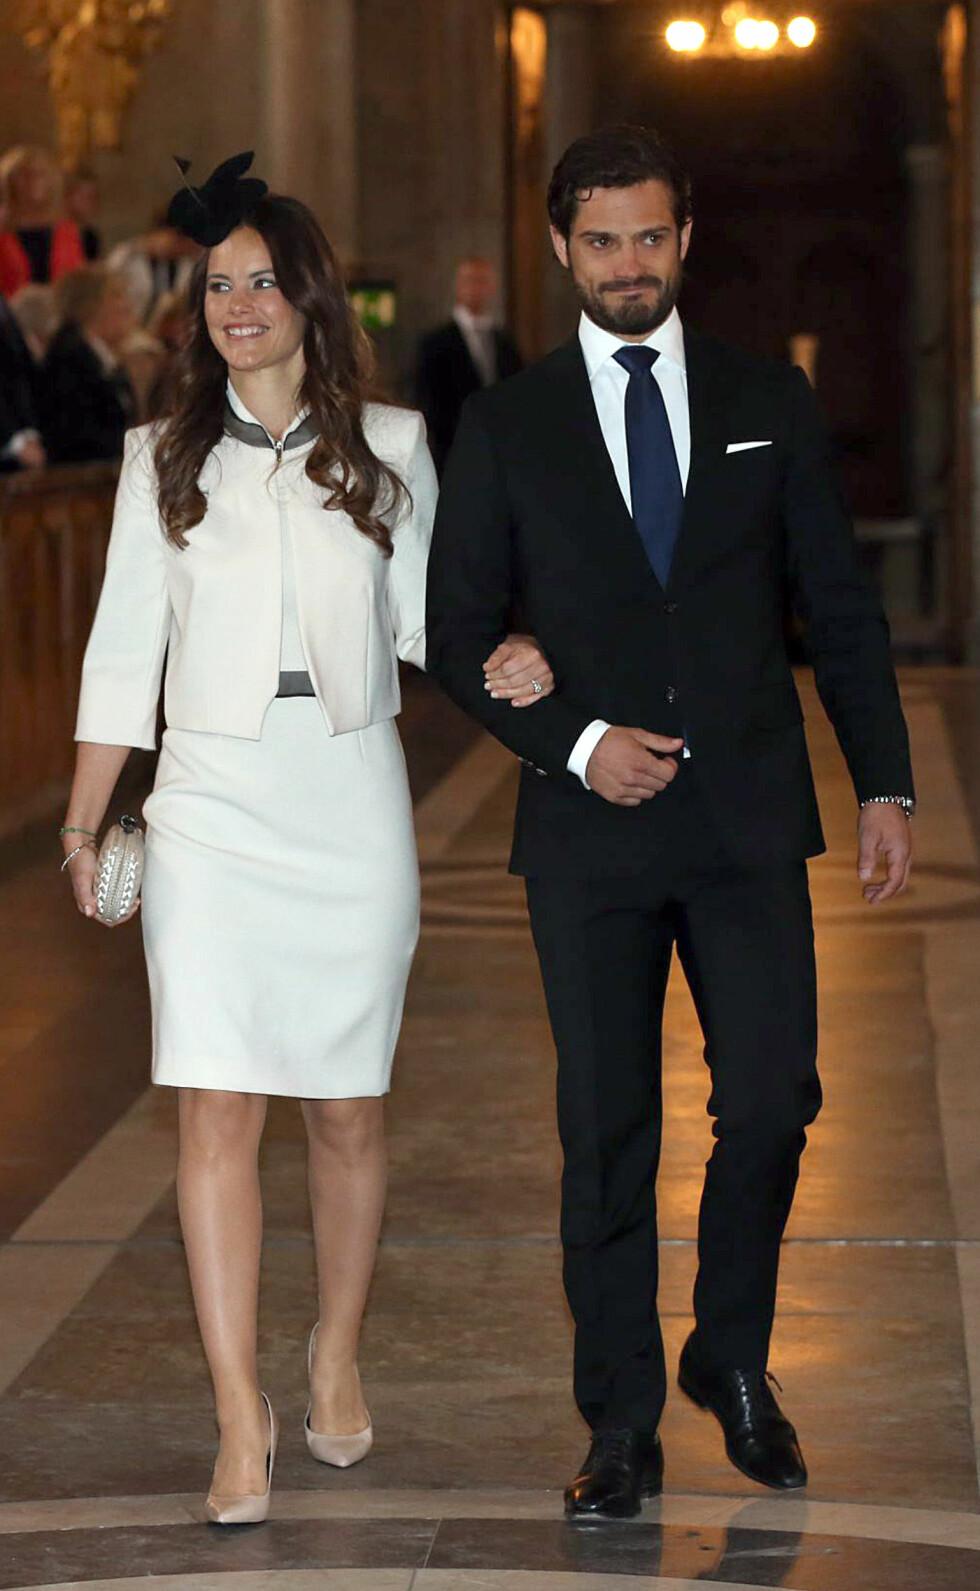 PRINSESSE: Etter bryllupet i juni får Sofia prinsesse-tittel. Foto: Aftonbladet